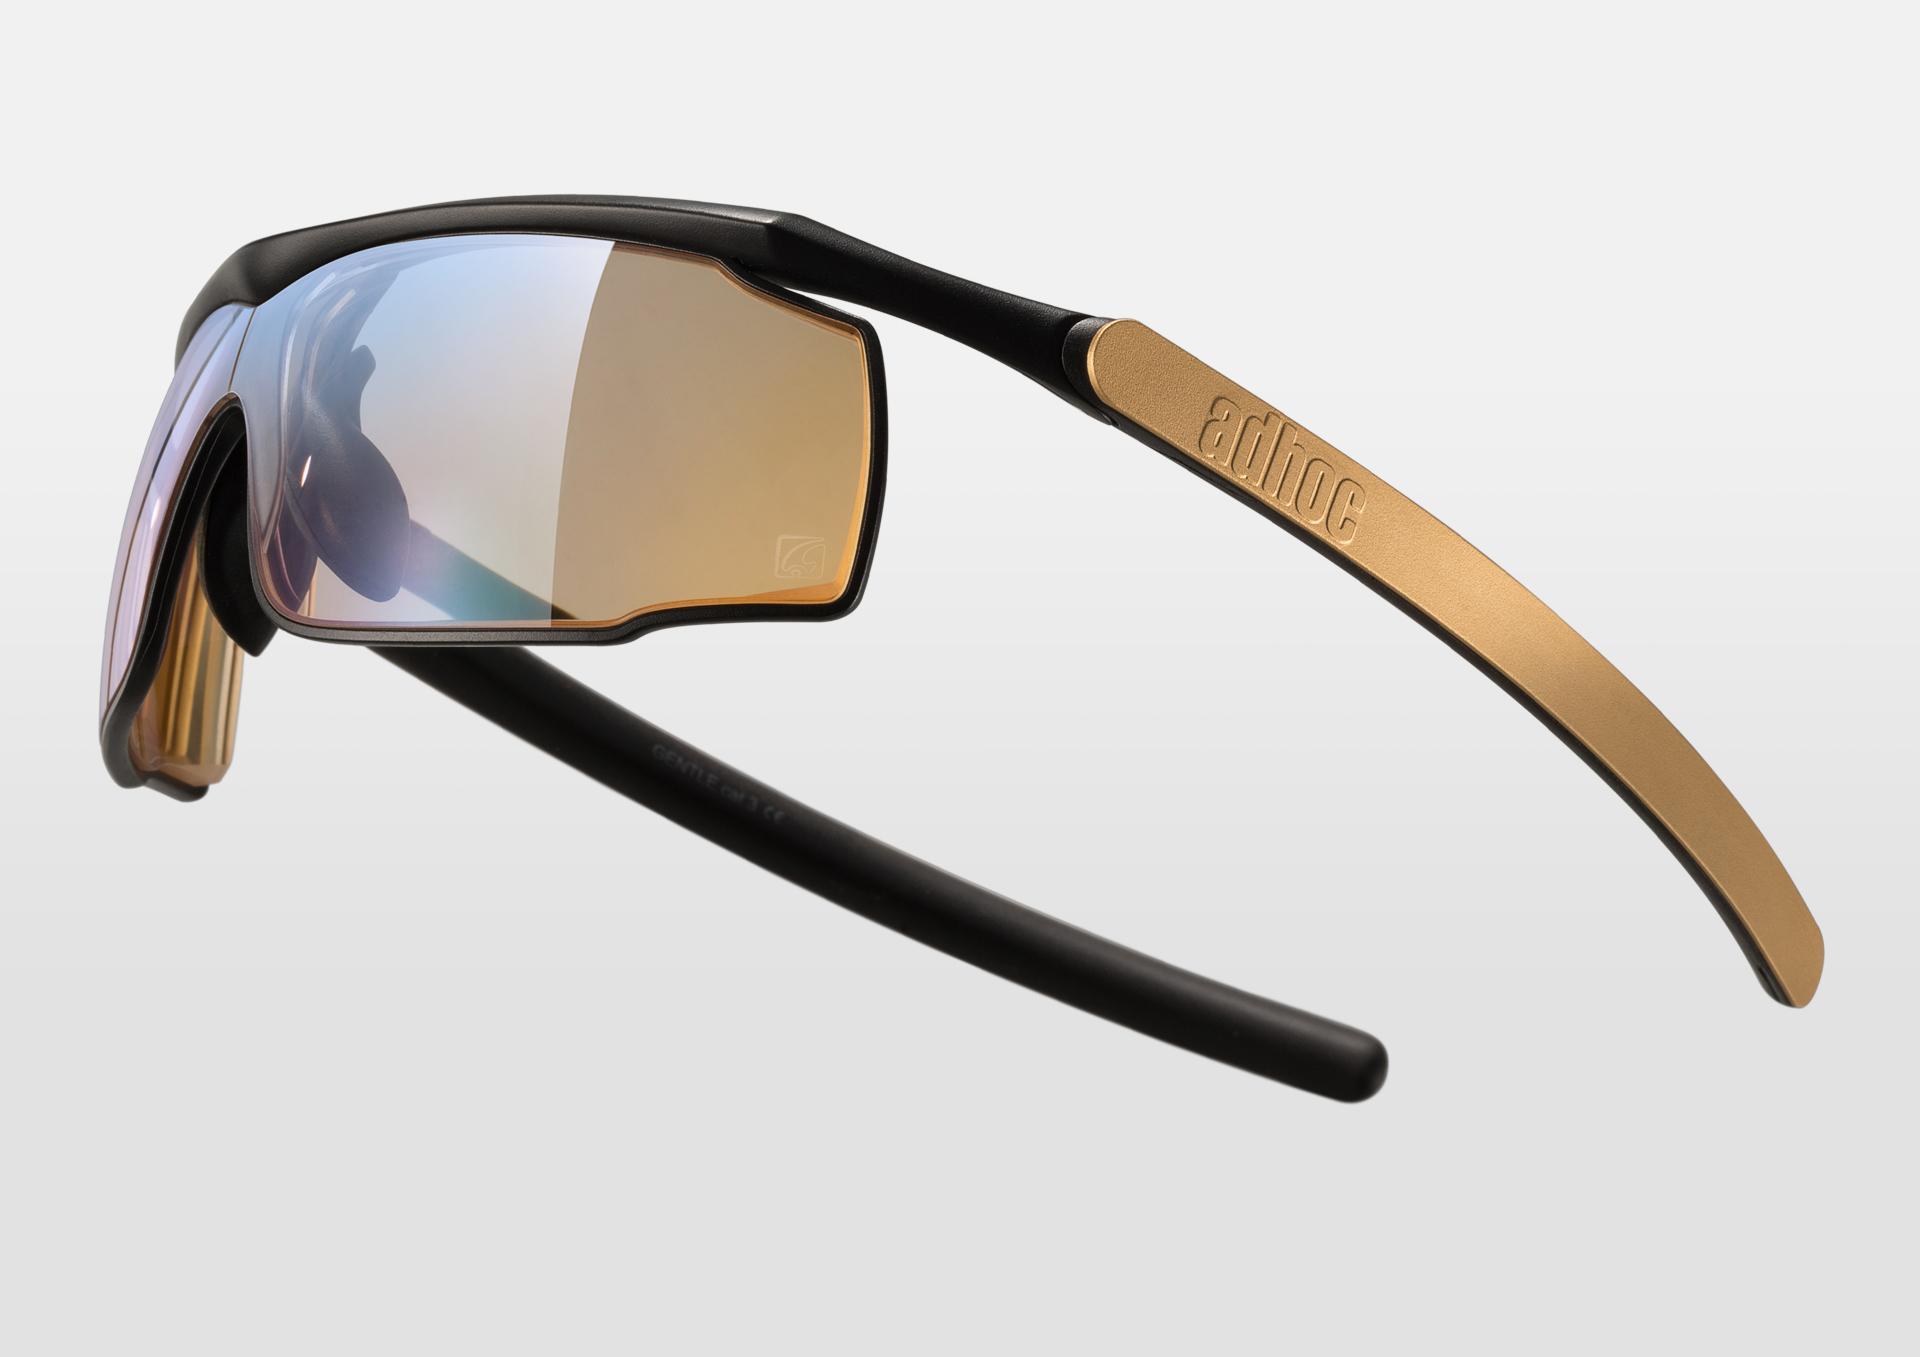 ADHOC眼鏡產品設計/紅點2019